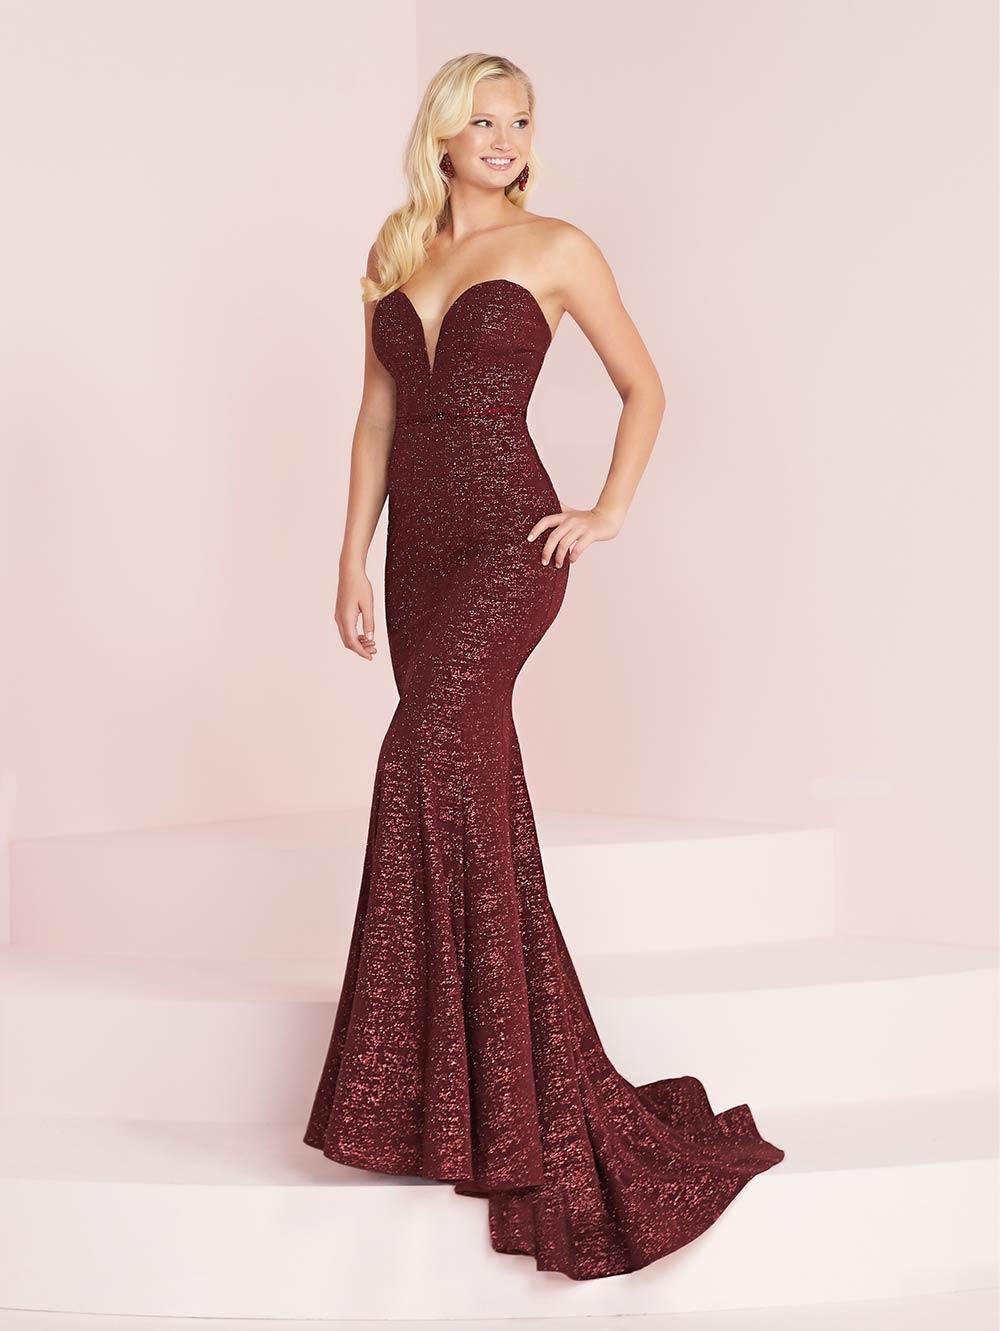 prom-dresses-jacquelin-bridals-canada-27586